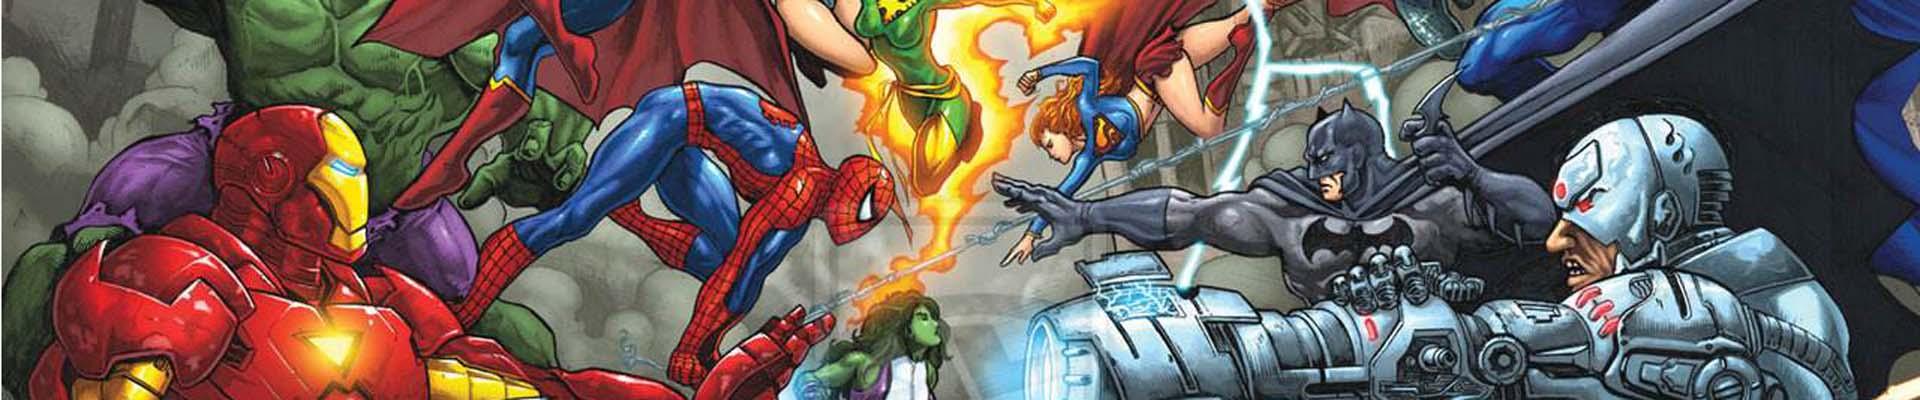 漫威和DC谁才有最强超级英雄?